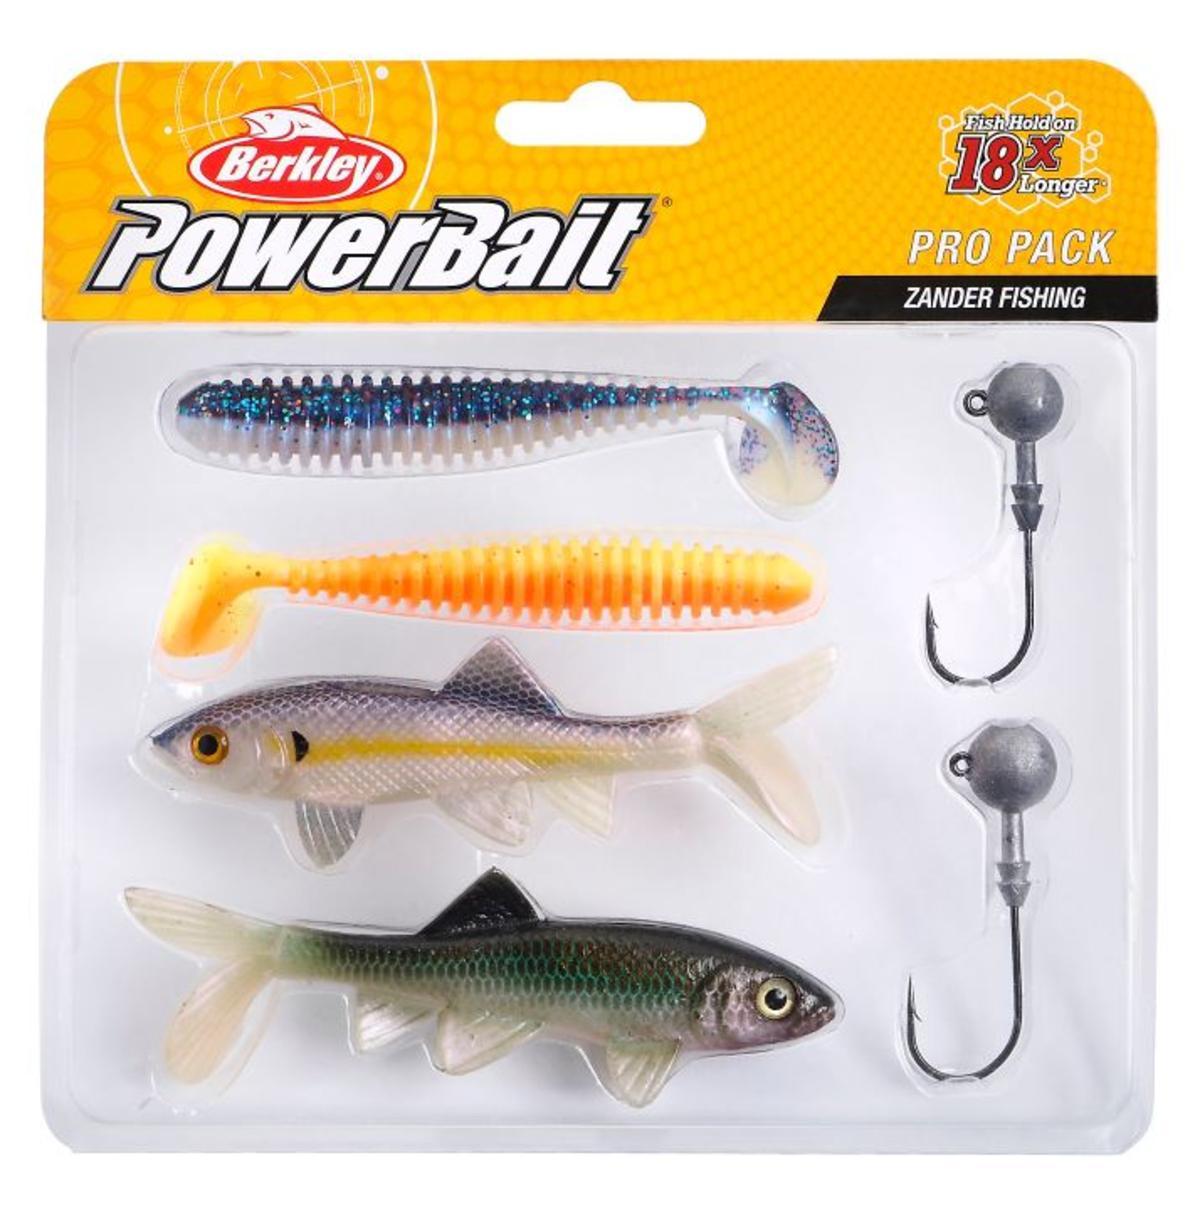 New Berkley Pro Pack Zander Lure Fishing Set - Lures & Jigheads